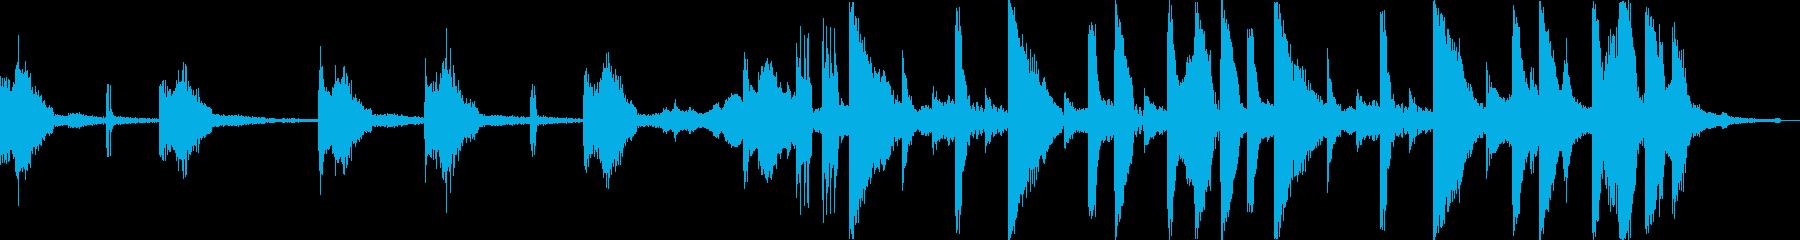 おしゃれ洋楽ヒップホップR&Bソウルdの再生済みの波形